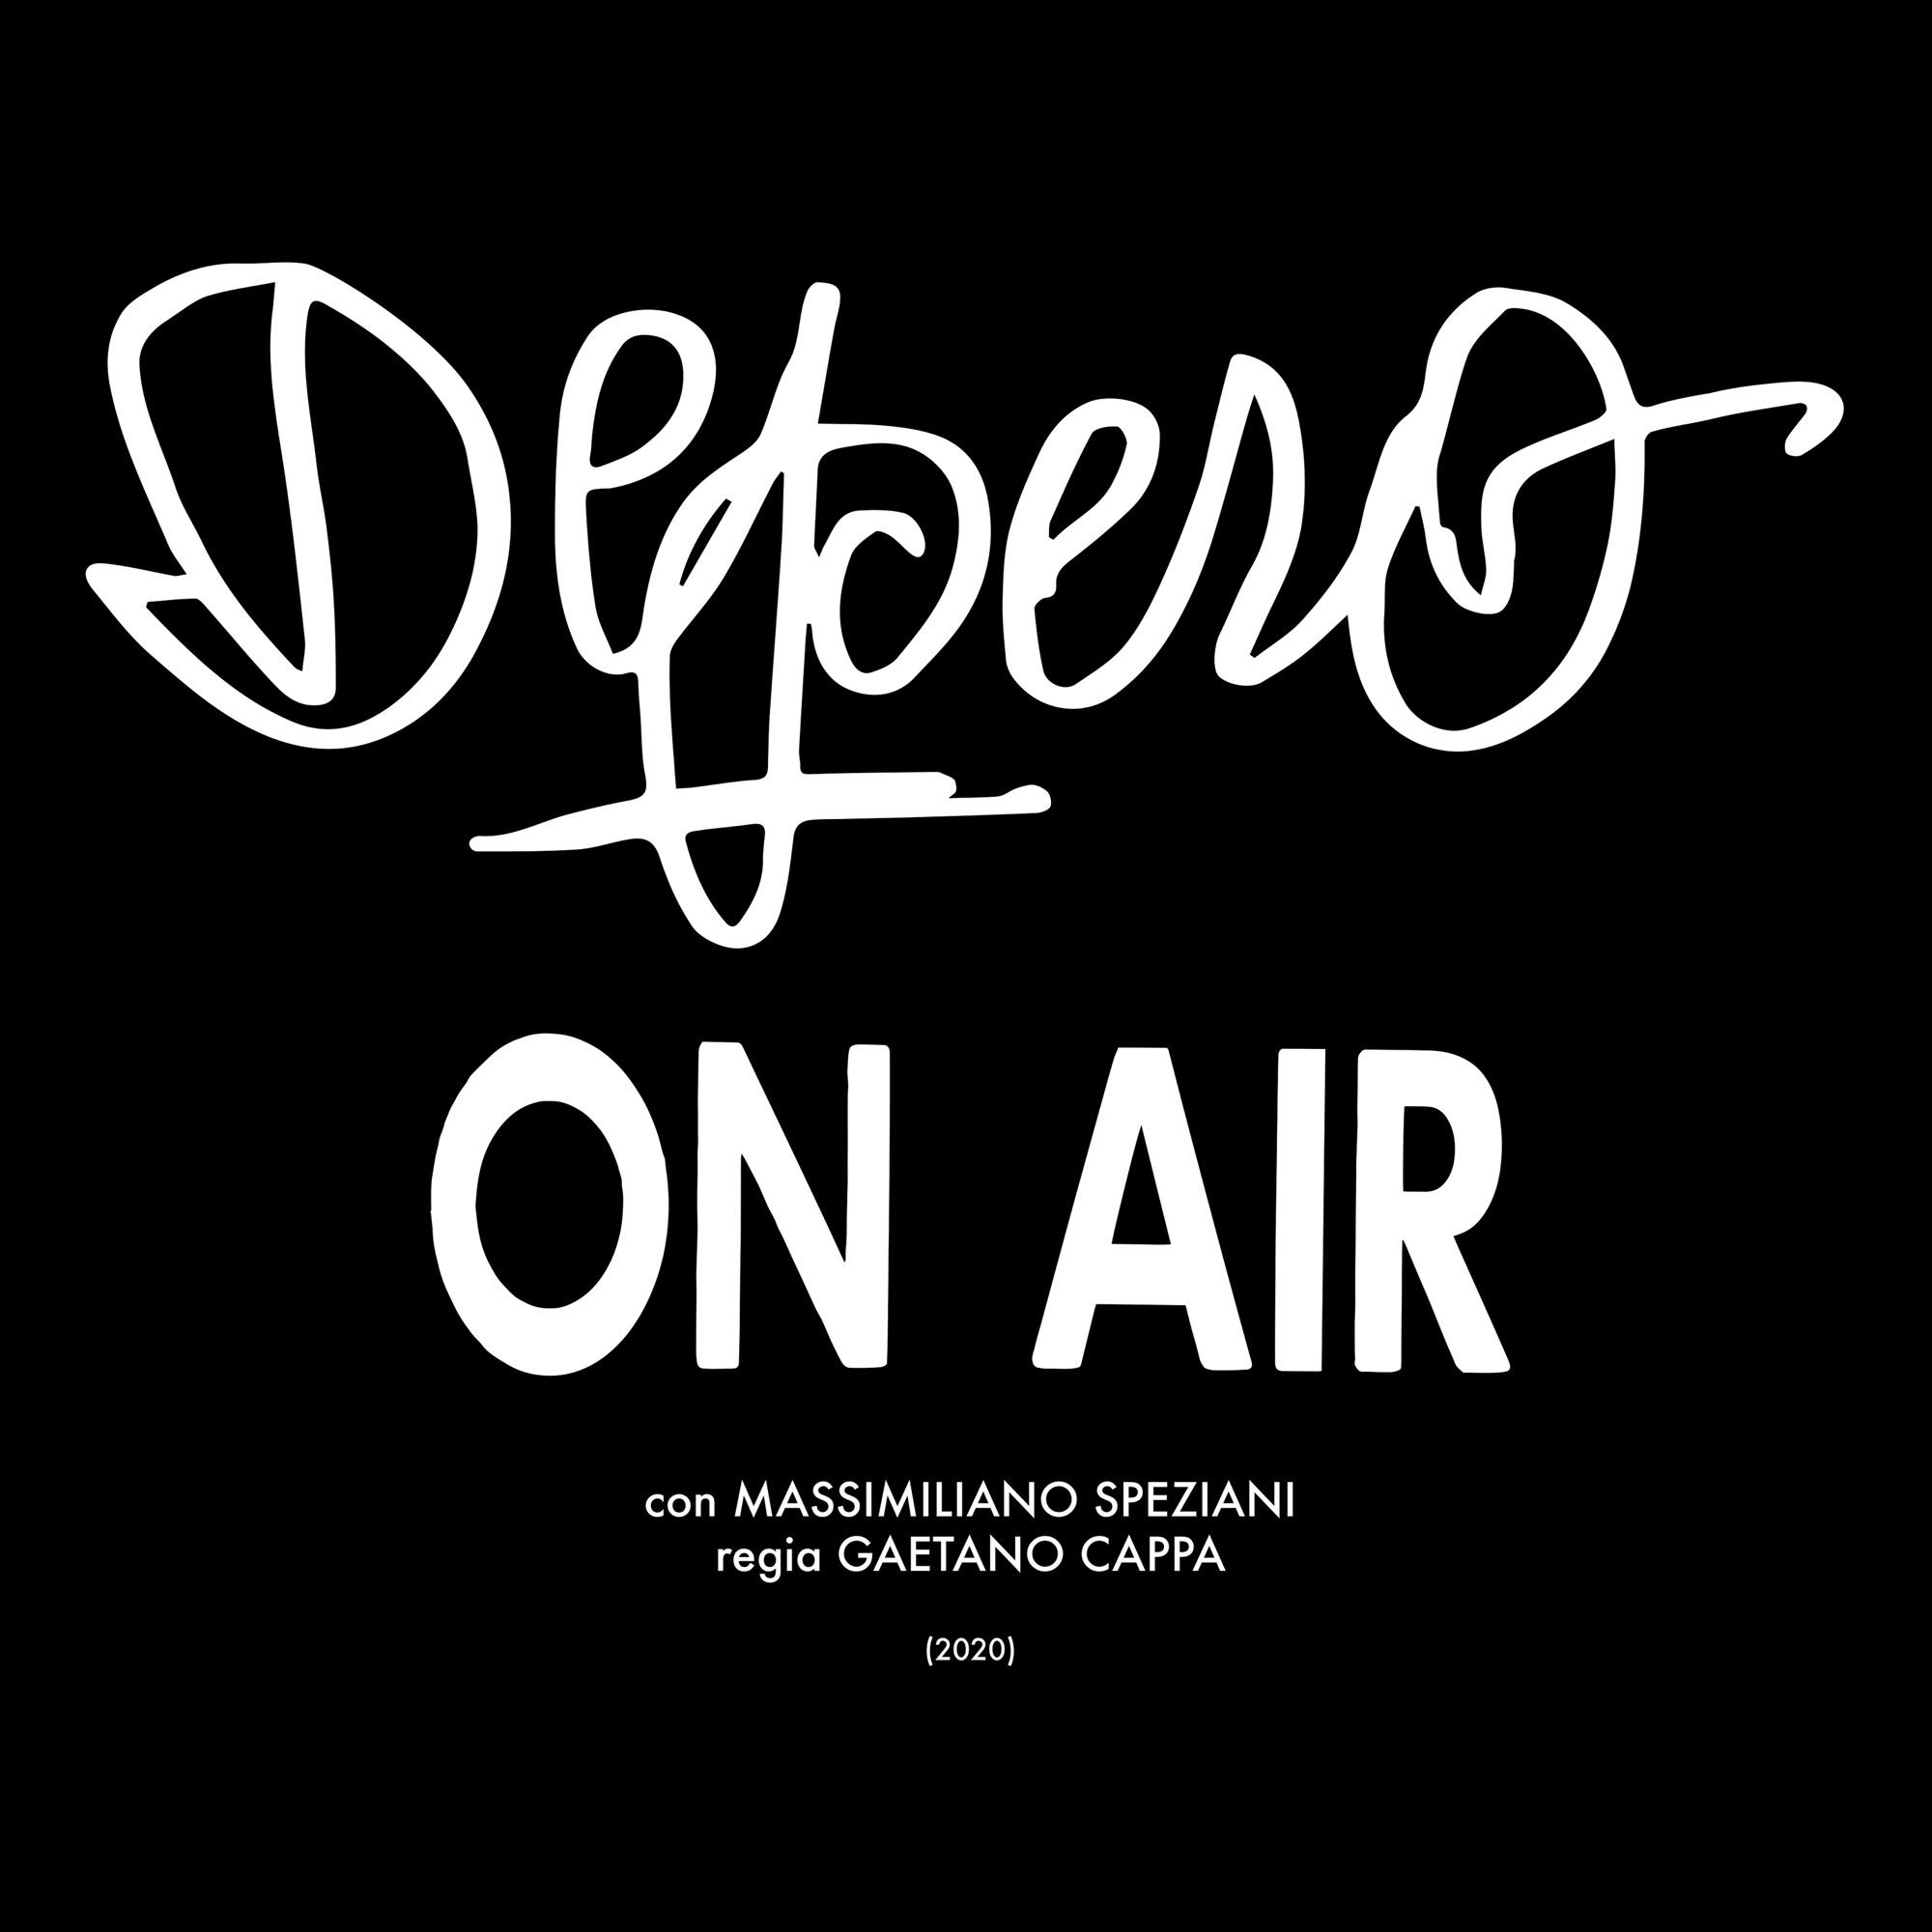 <span>Depero On Air</span>